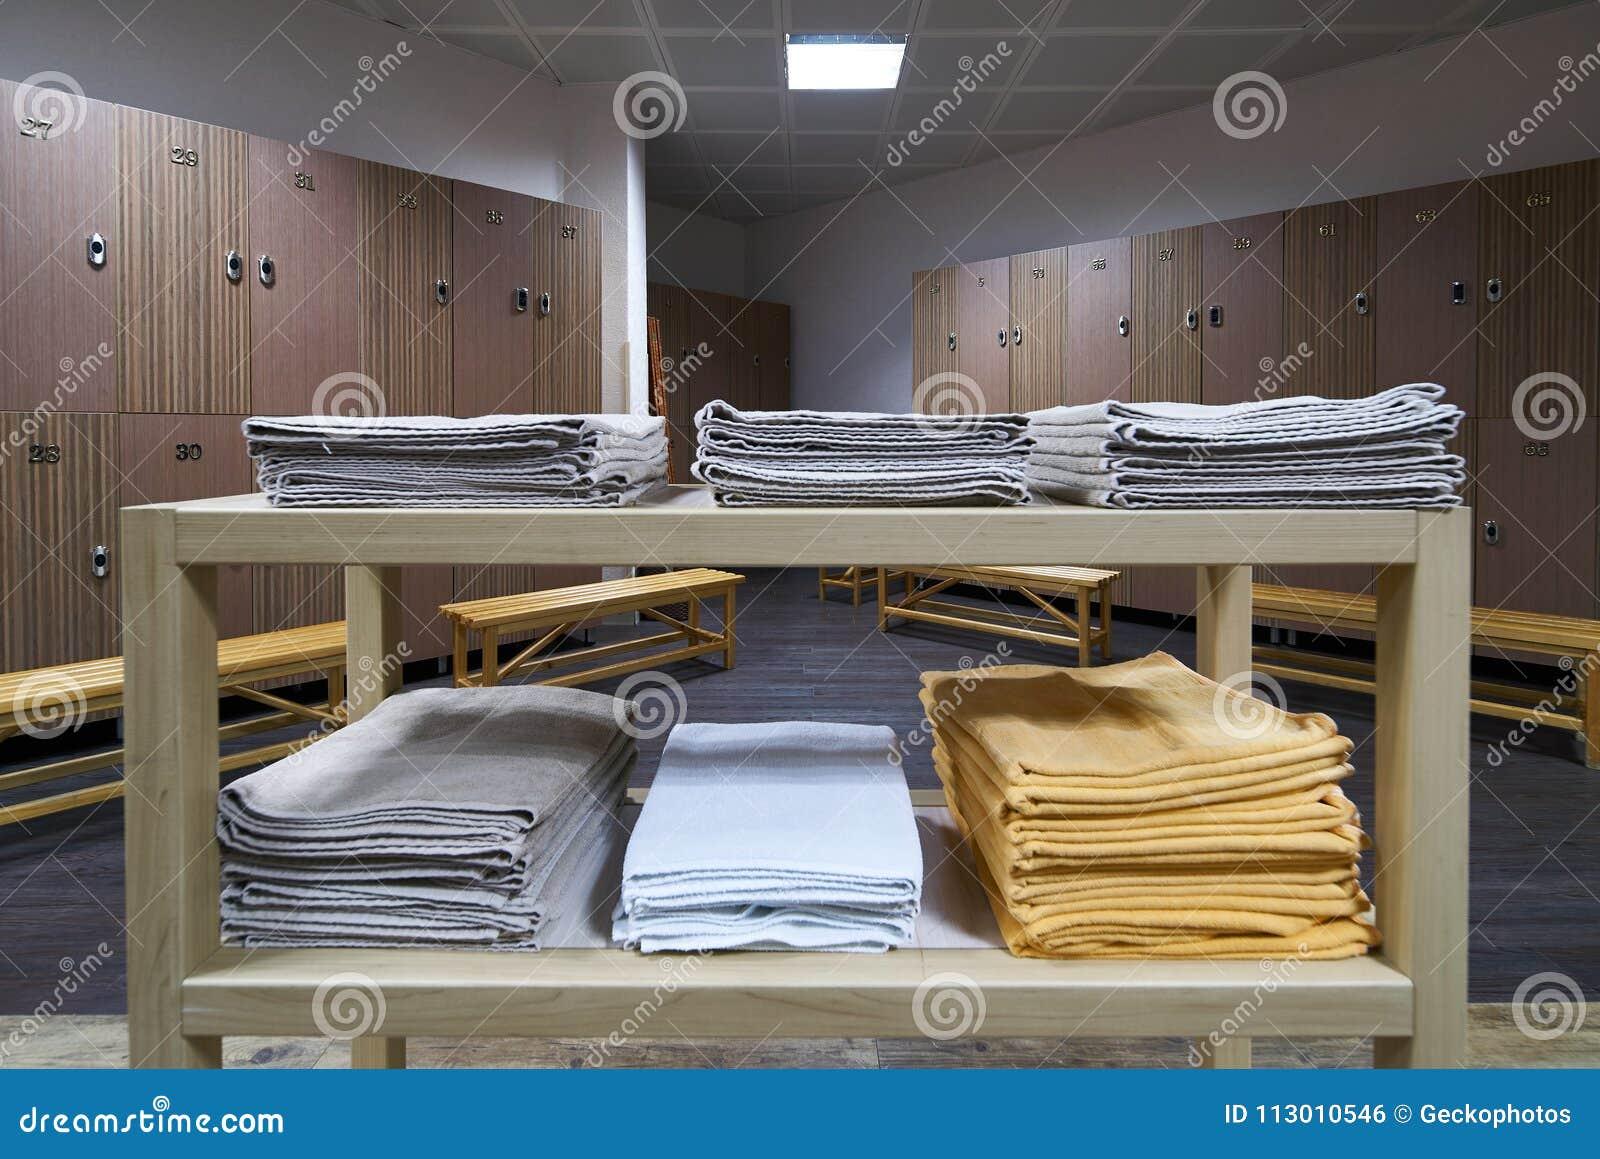 Hylla för rena handdukar i en omklädningsrum med låsbara skåp med träbänkar i luxur